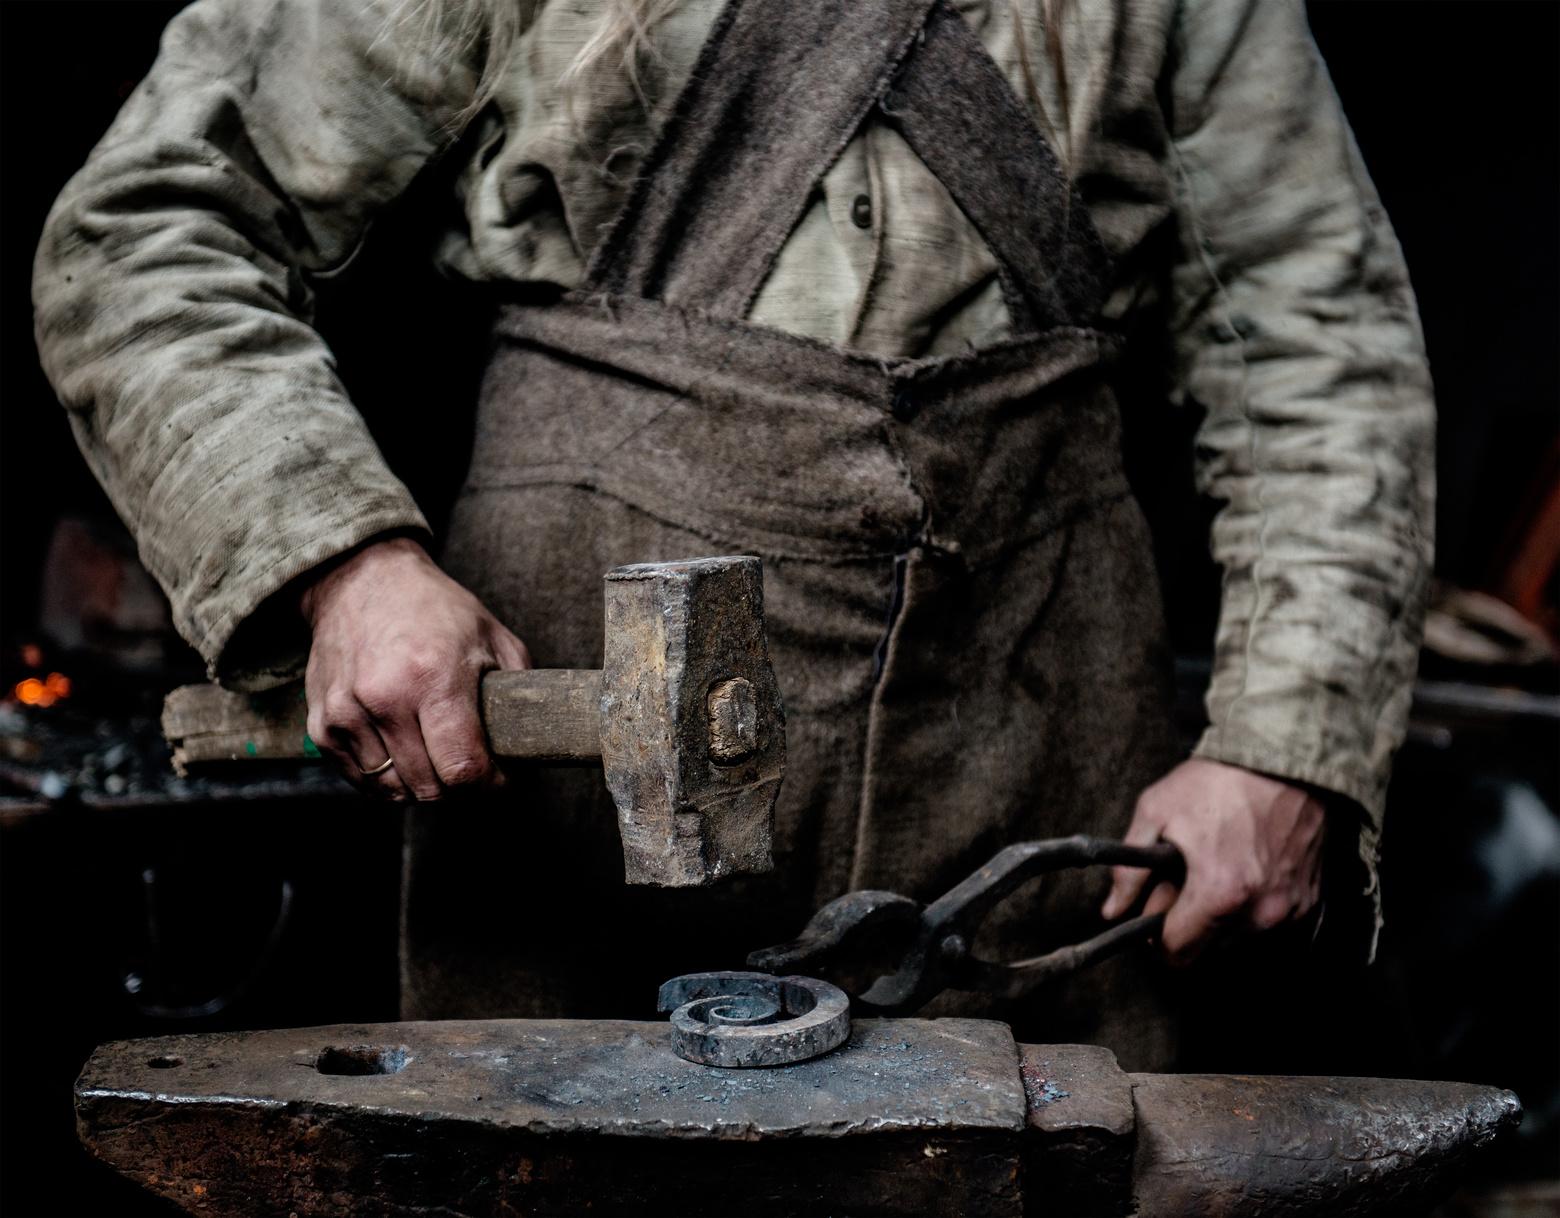 Wer damals dank der nichtvorhandenen Arbeitsschutzgesetze einen Unfall hatte, fiel meist in ein bodenloses Loch der Armut. fotolia.com © Ermolaev Alexandr